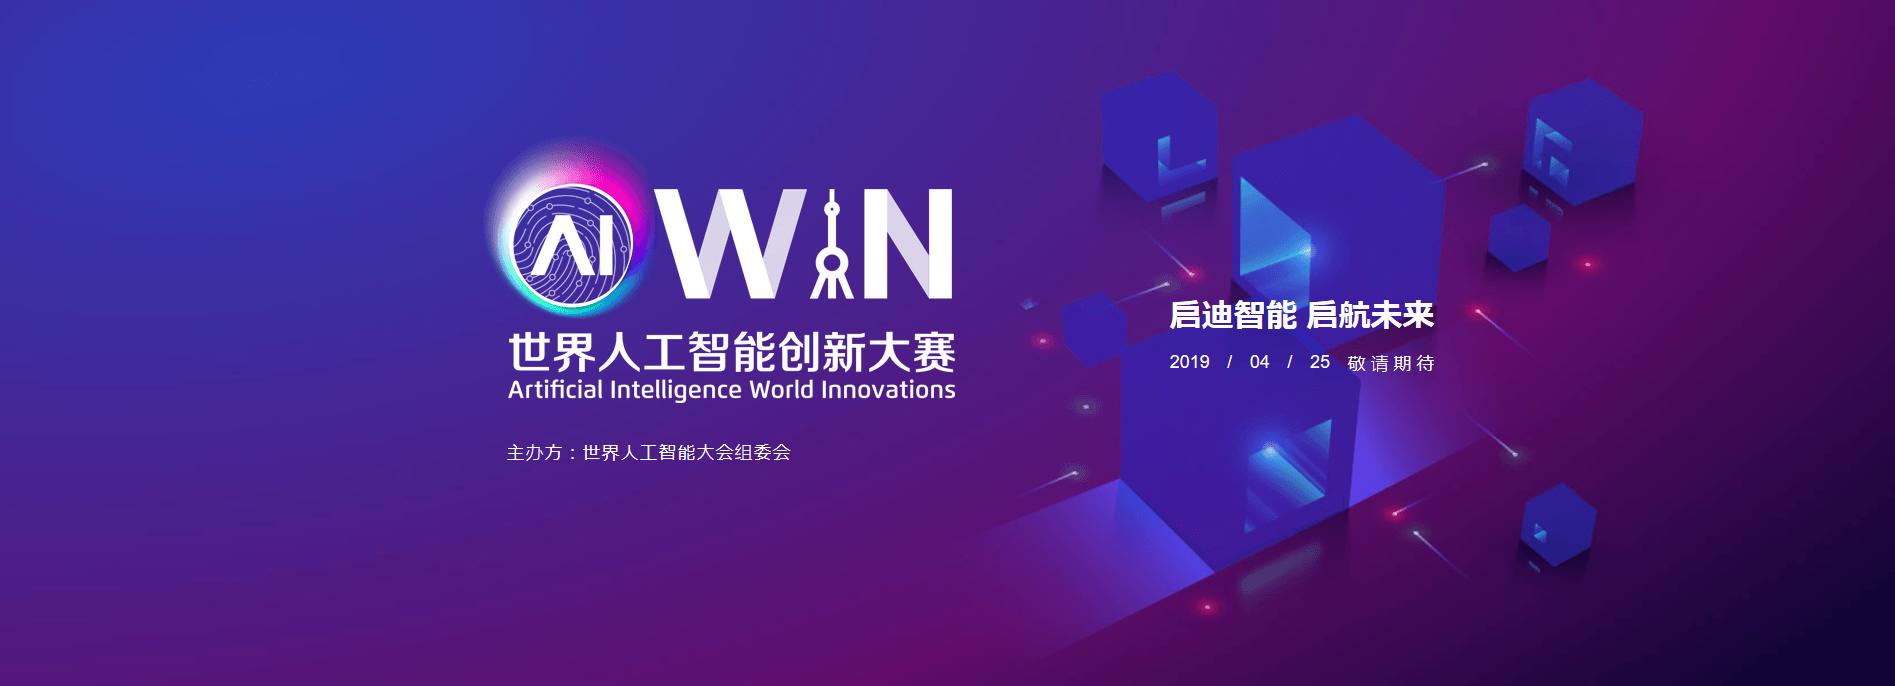 China AIWIN